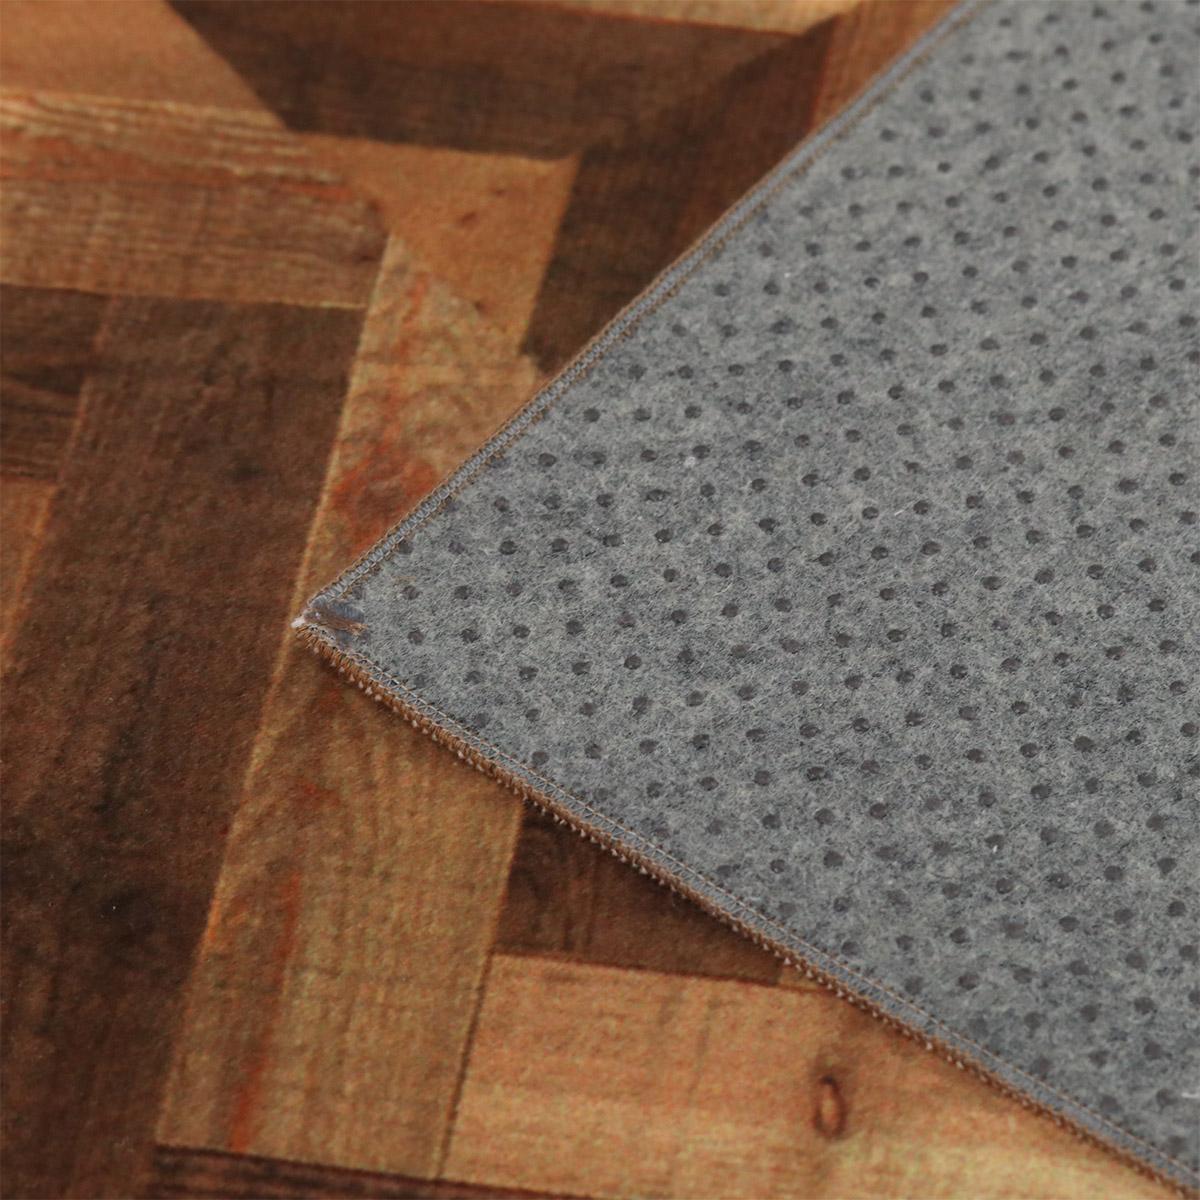 ホットカーペット・床暖房対応でスベリ止め付き。